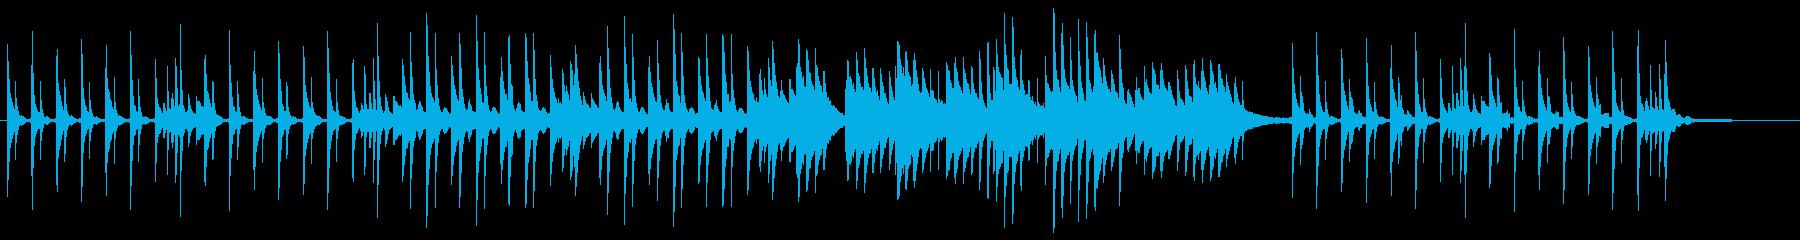 回想、和風、しっとりせつない、ピアノ、琴の再生済みの波形